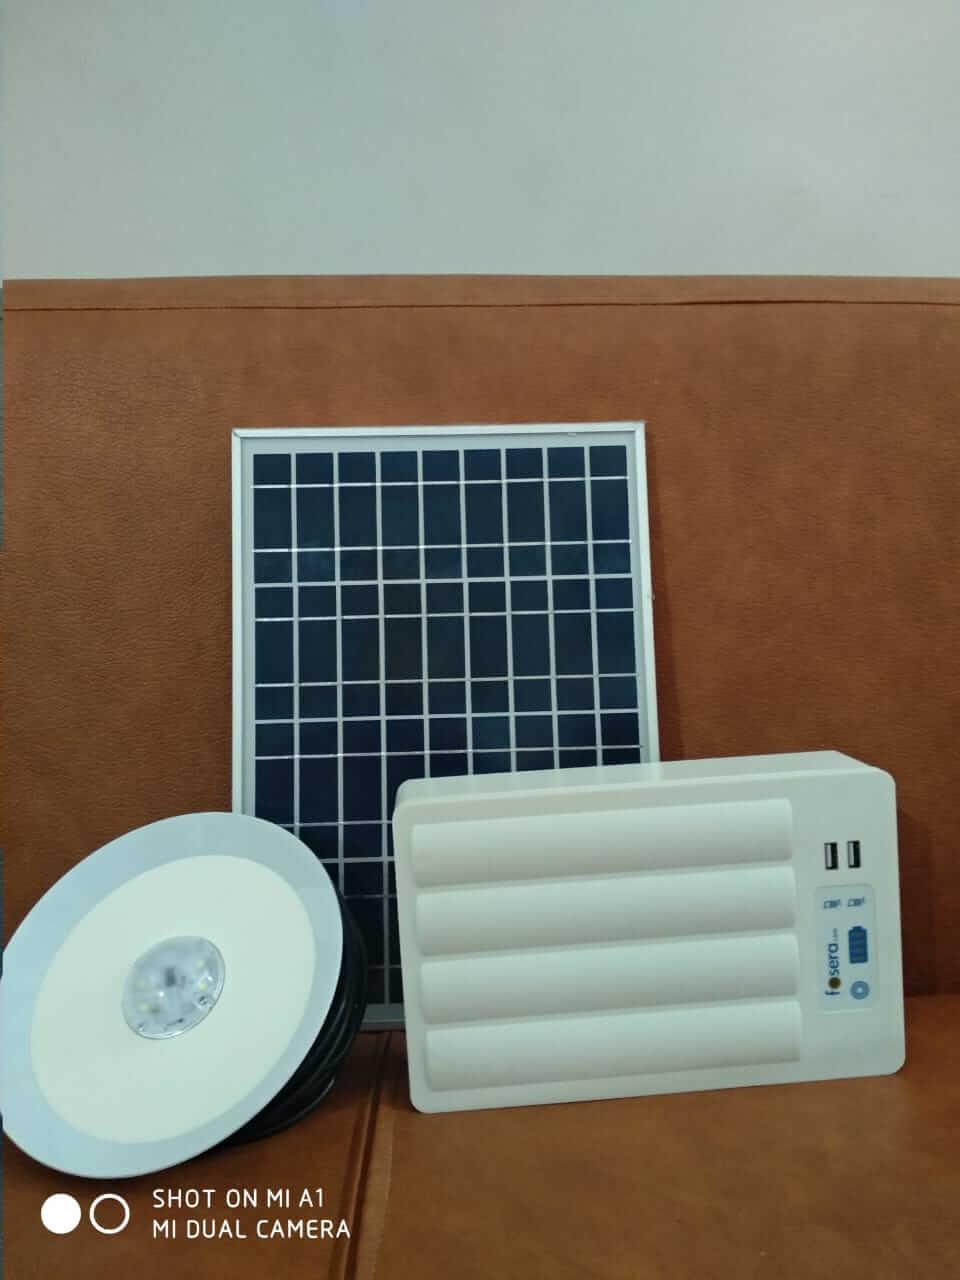 Fosera LSHS (Li-Ion Solar Home System) 4500 13v